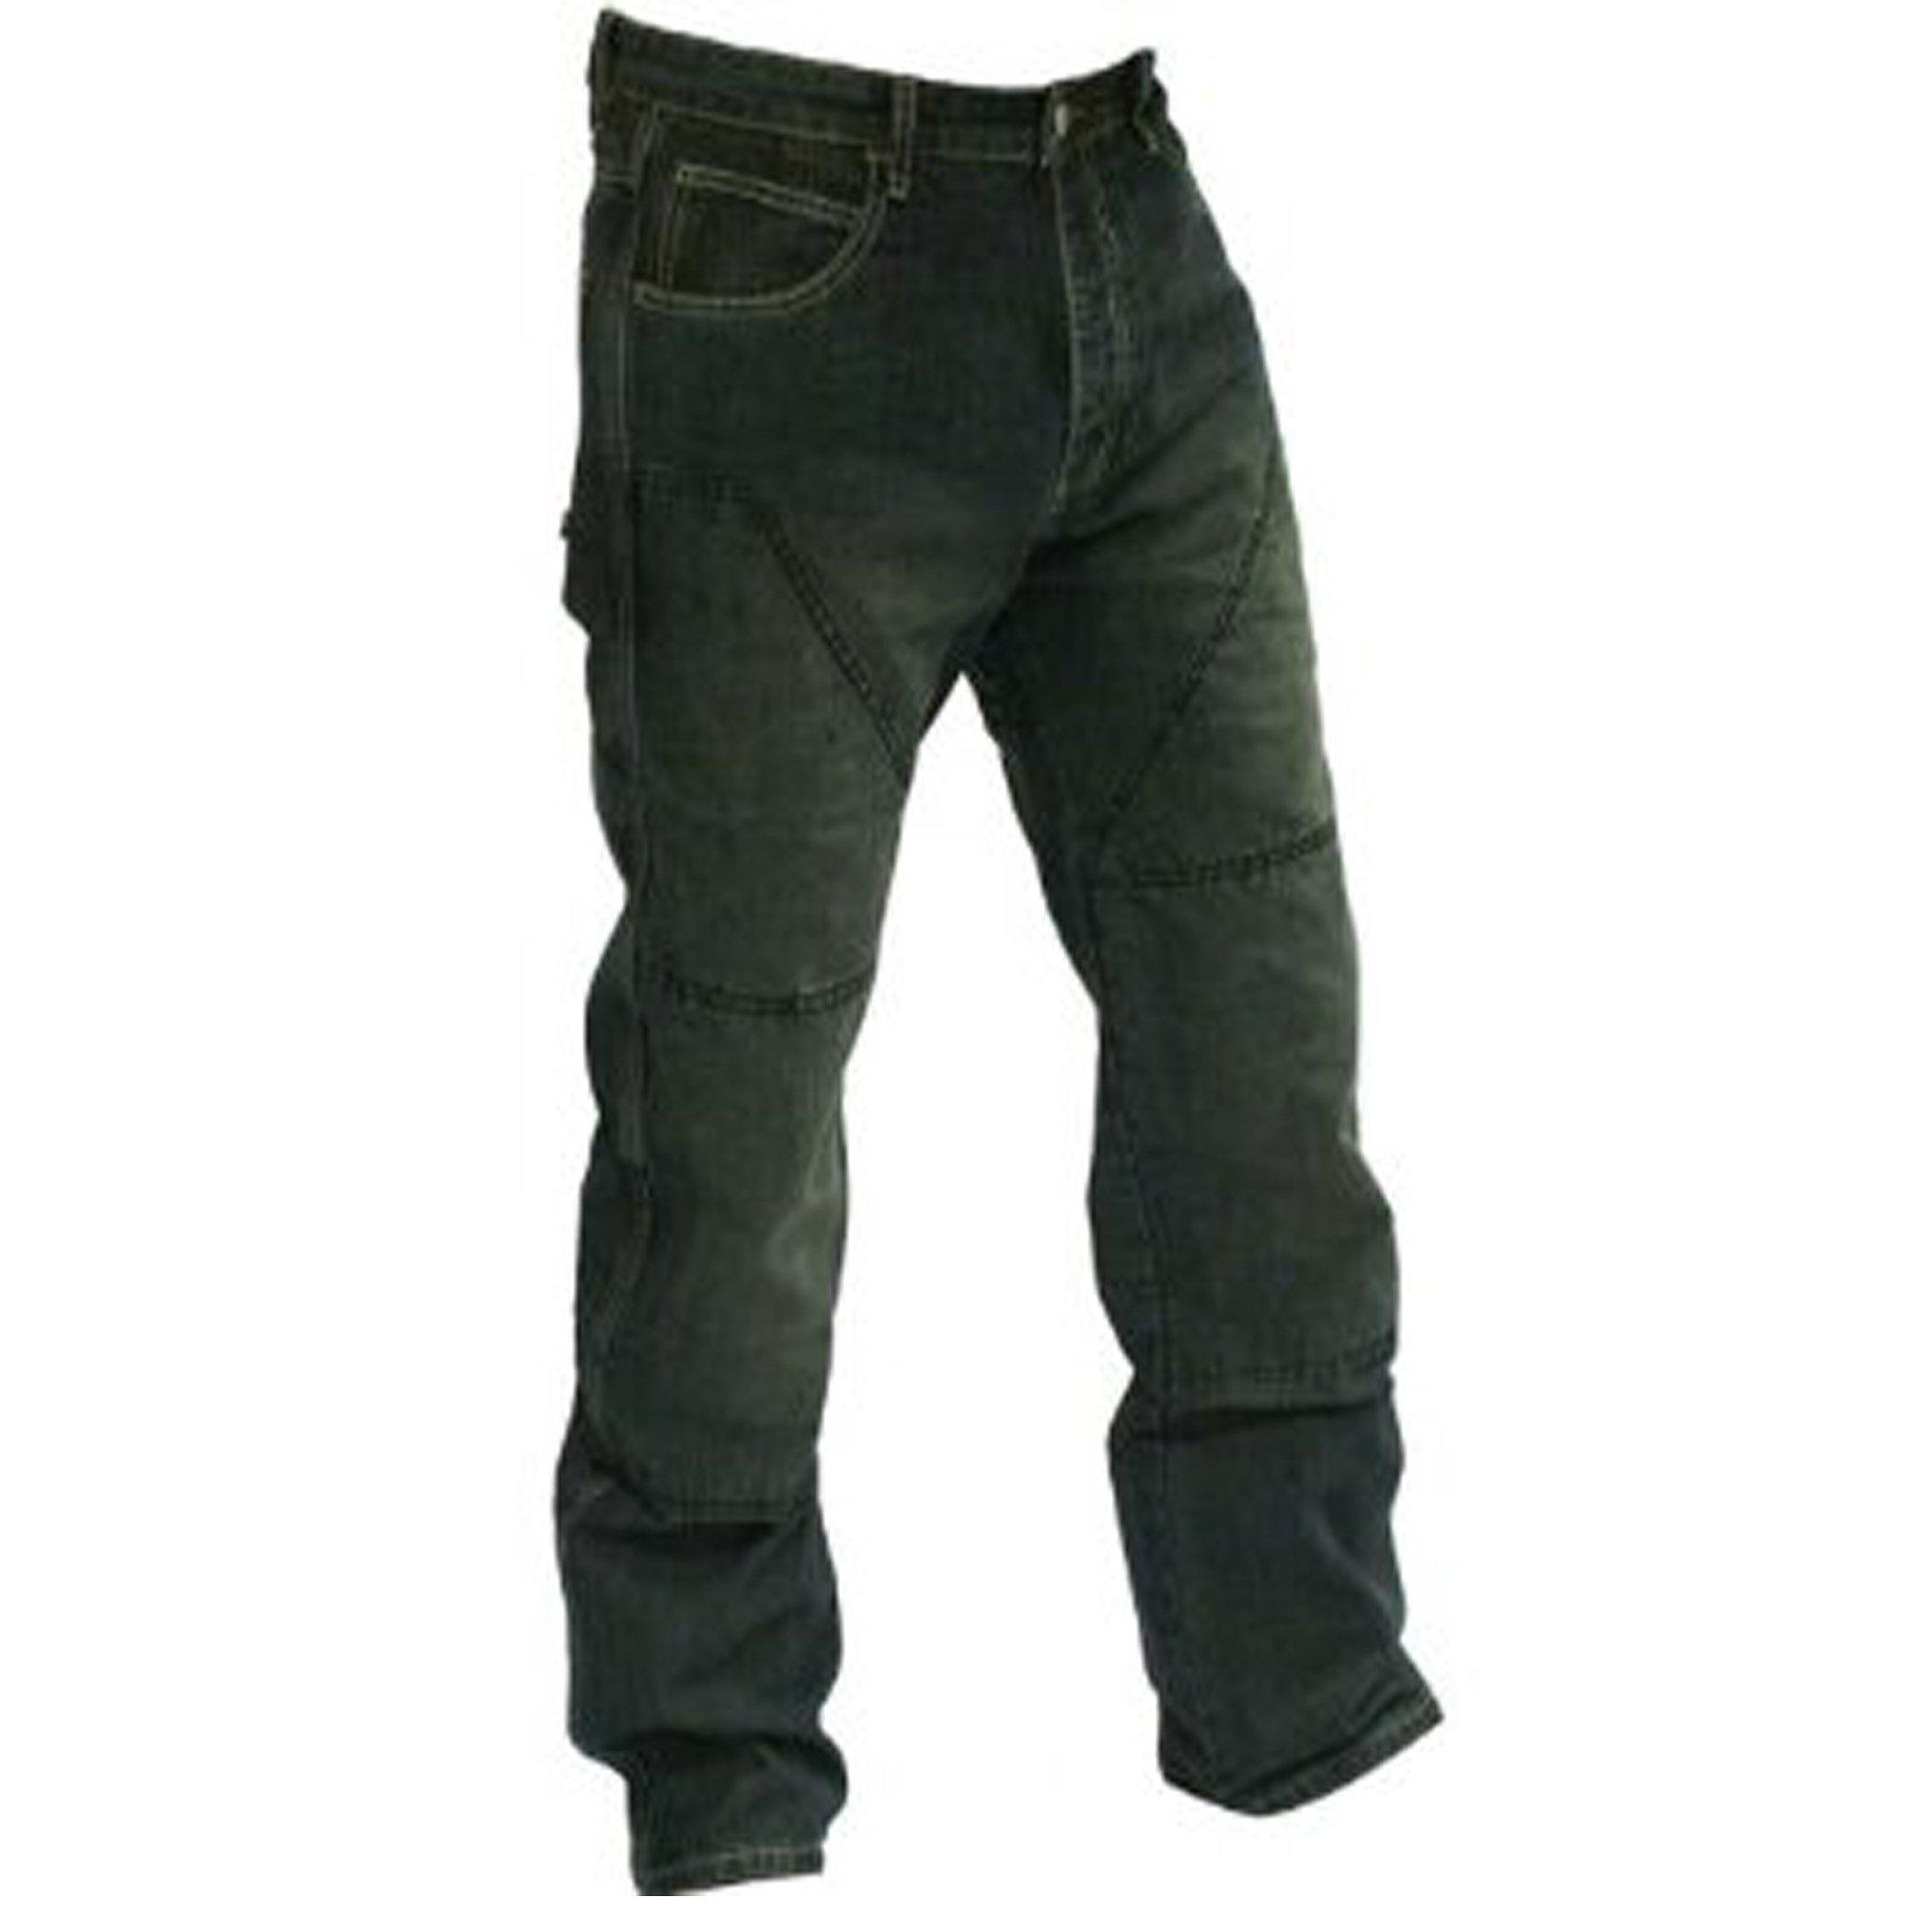 Juicy Trerdz Denim Motorbike Biker Trousers Jeans Aramid Lining Black W34-L34